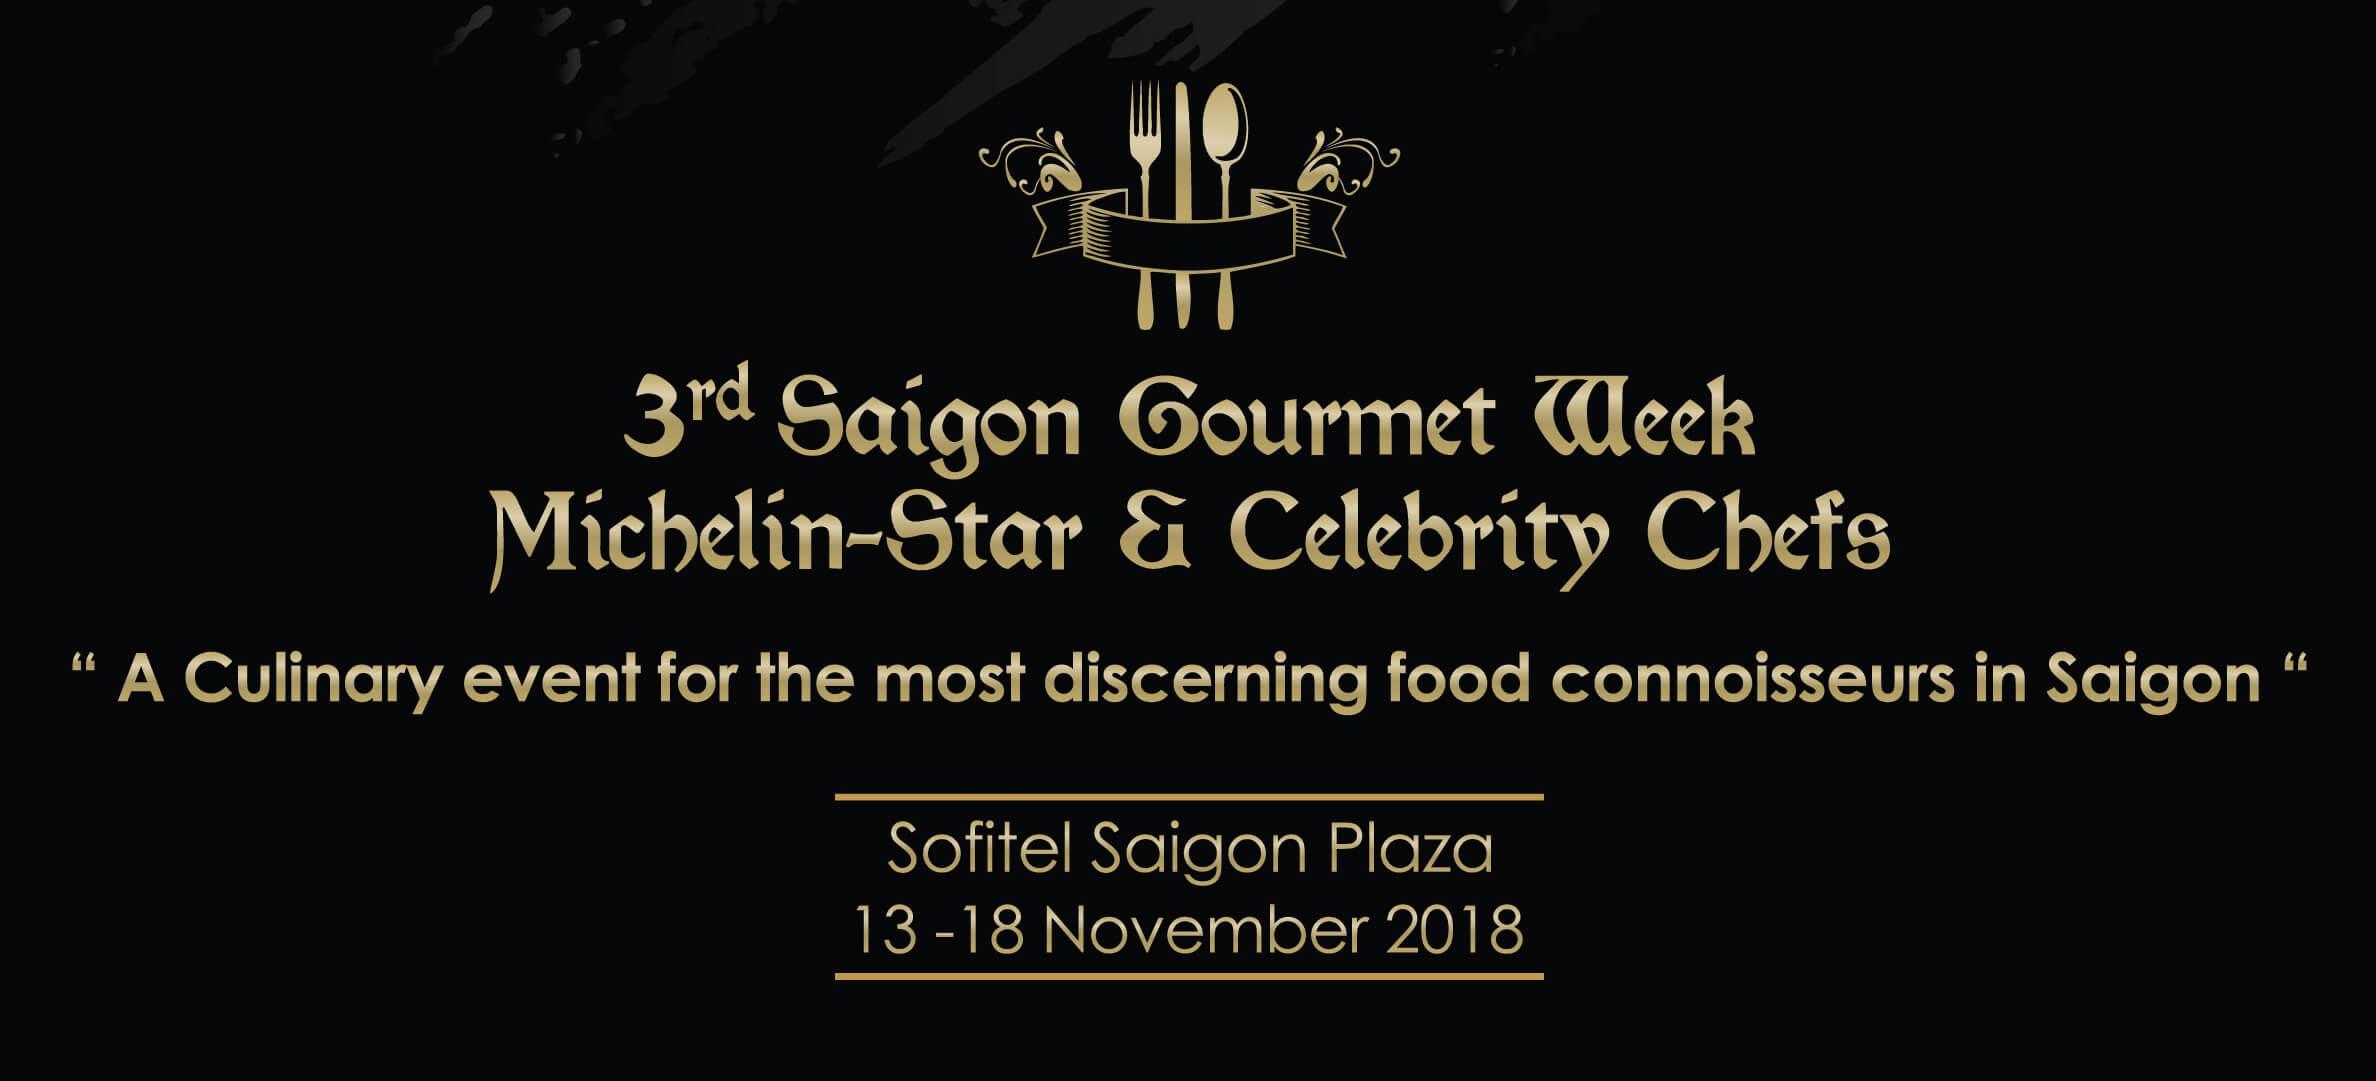 """Đội ngũ New Viet Gastronomy hội tụ dàn siêu đầu bếp sao Michelin tại tuần lễ ẩm thực """"Saigon Gourmet Week"""" lần 3"""